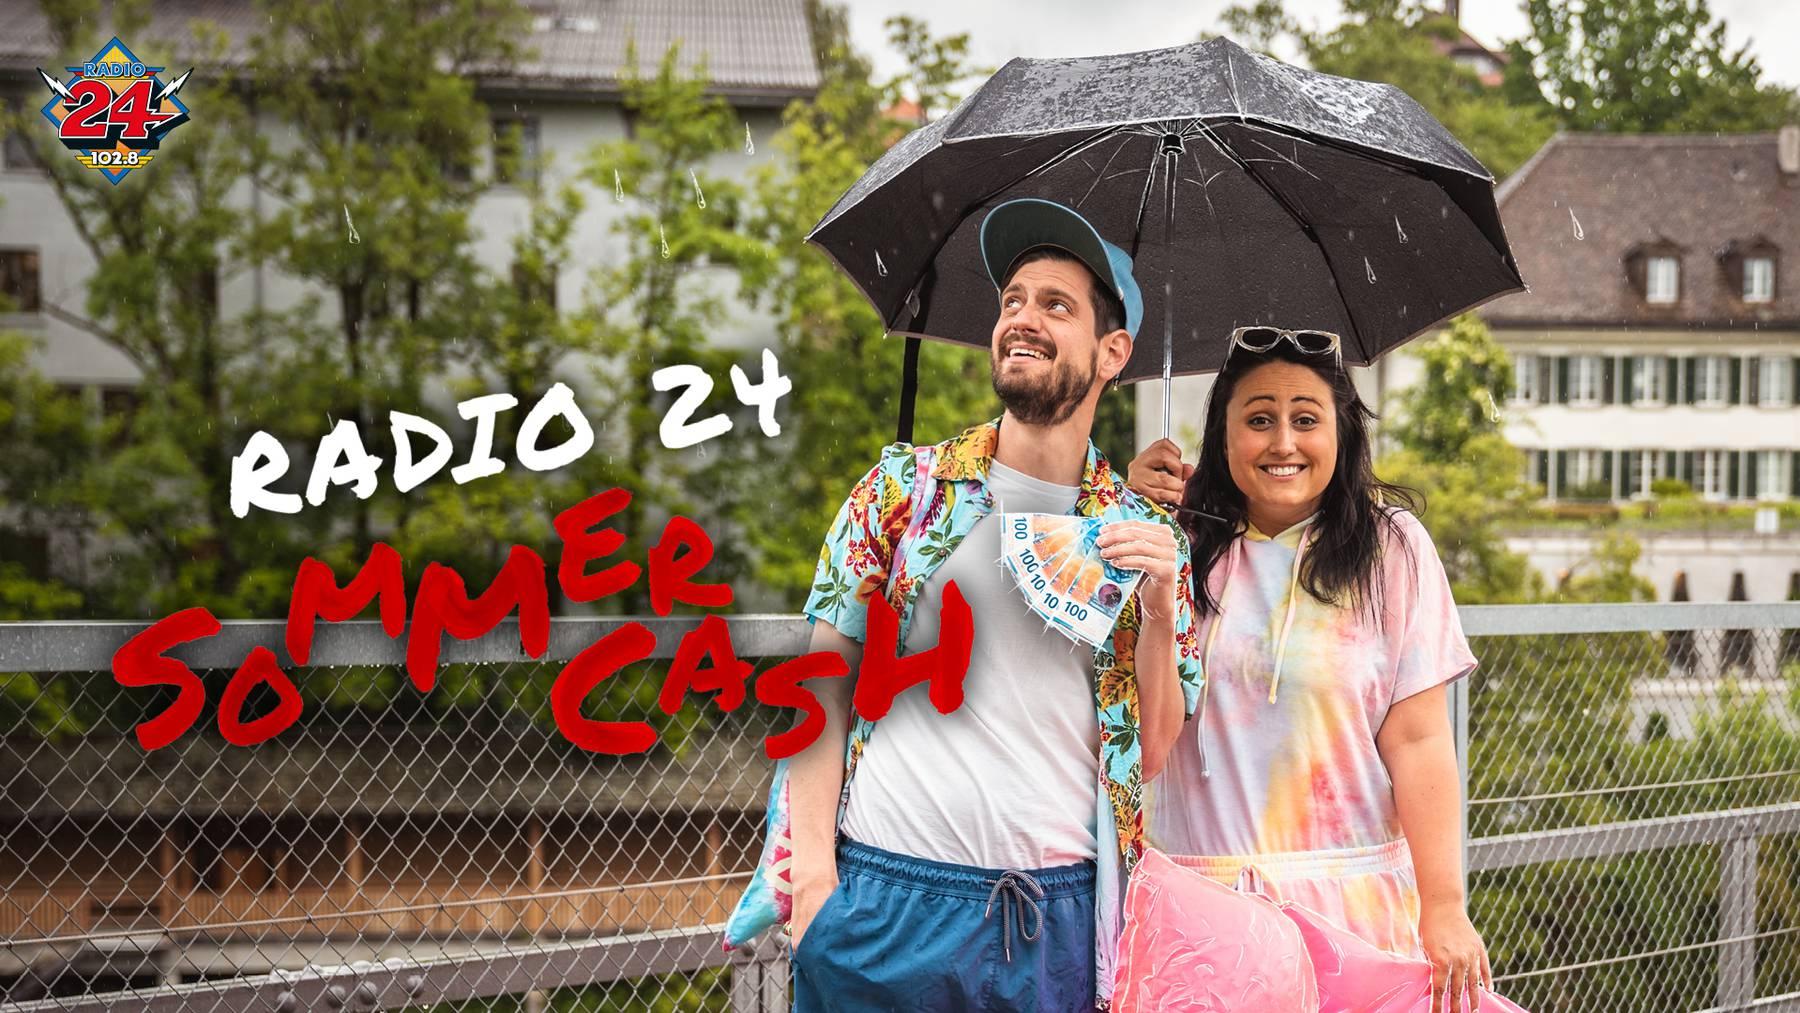 Sommer Cash Webbild